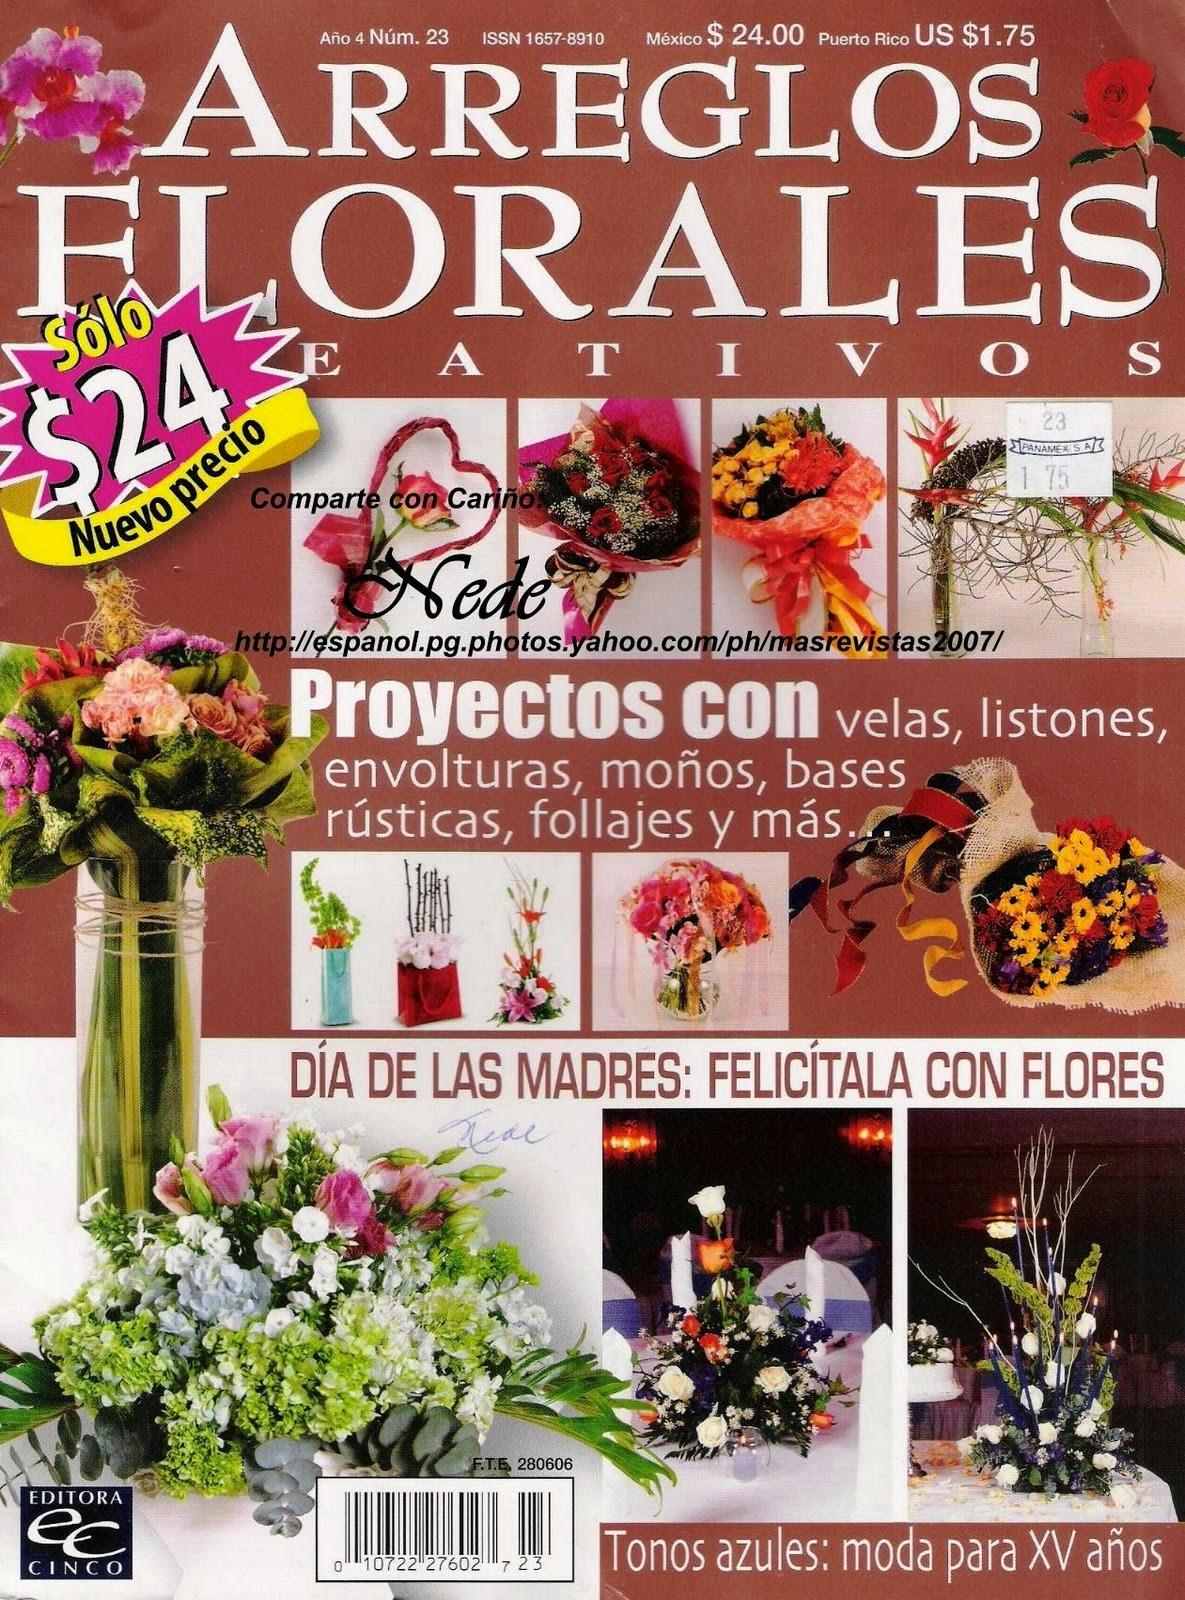 Manualidades Arreglos Florales Creativos